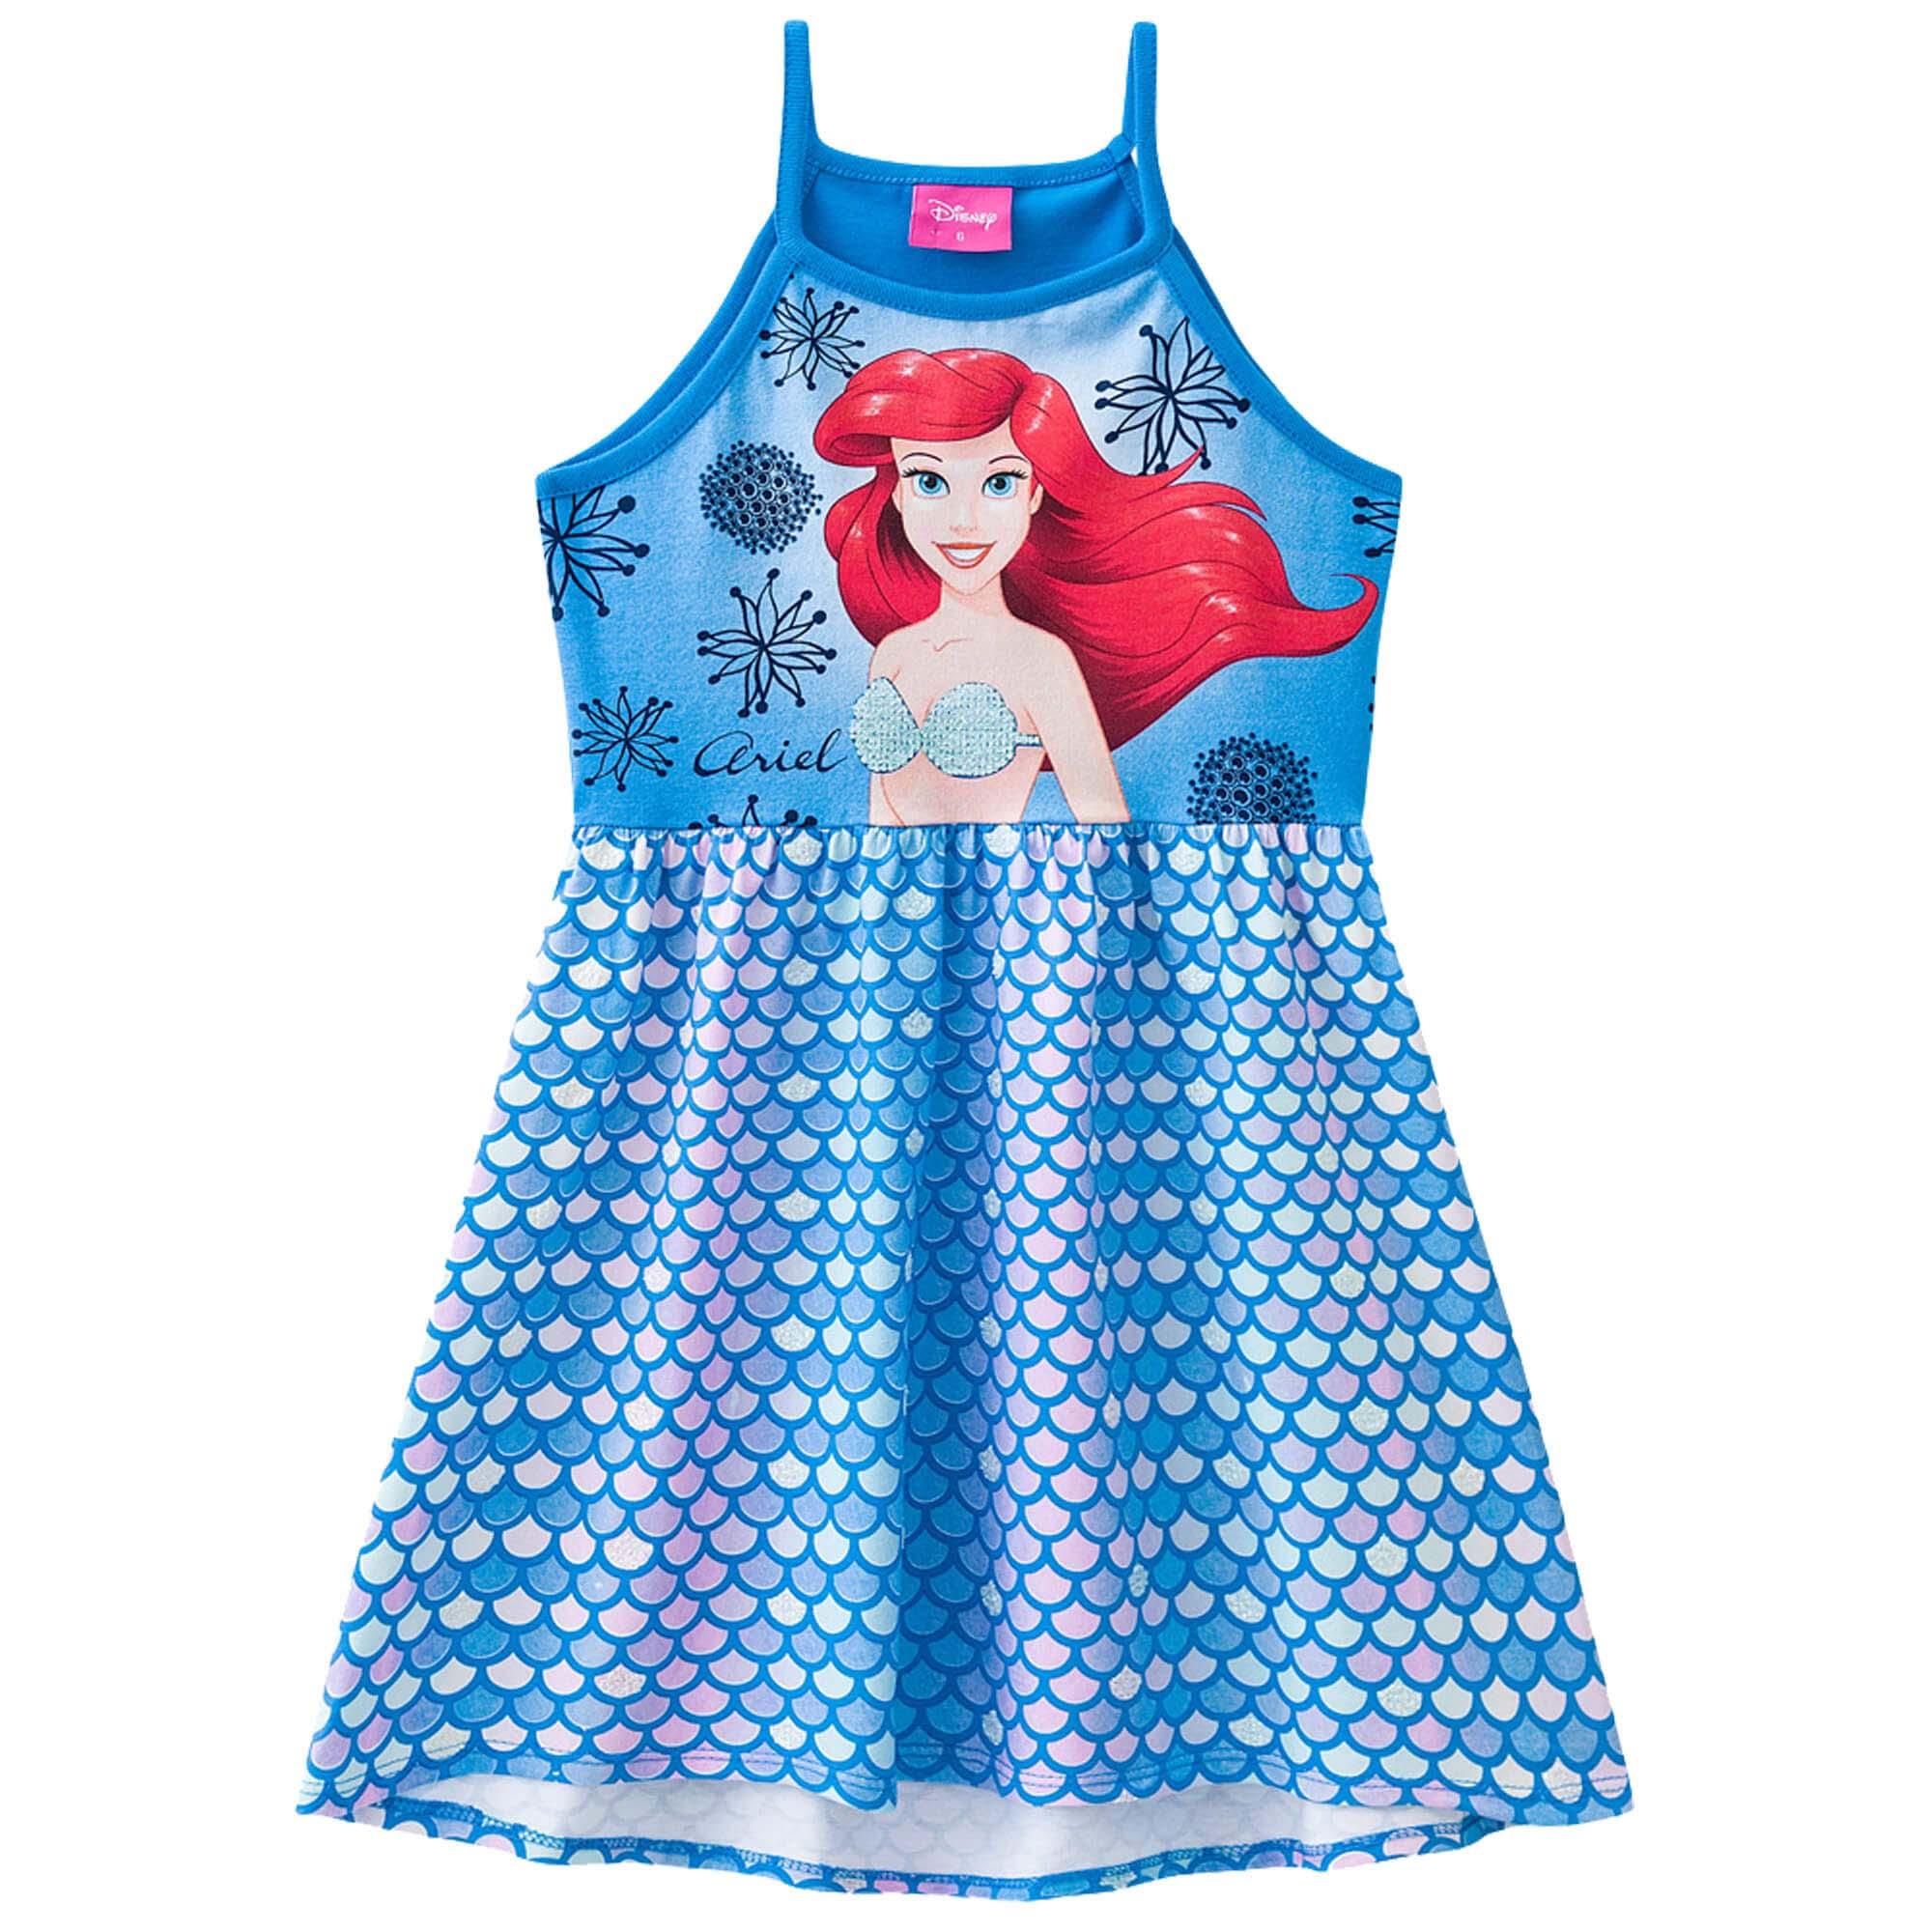 Vestido Verão Brandili Personagens Ariel - 4 ao 10